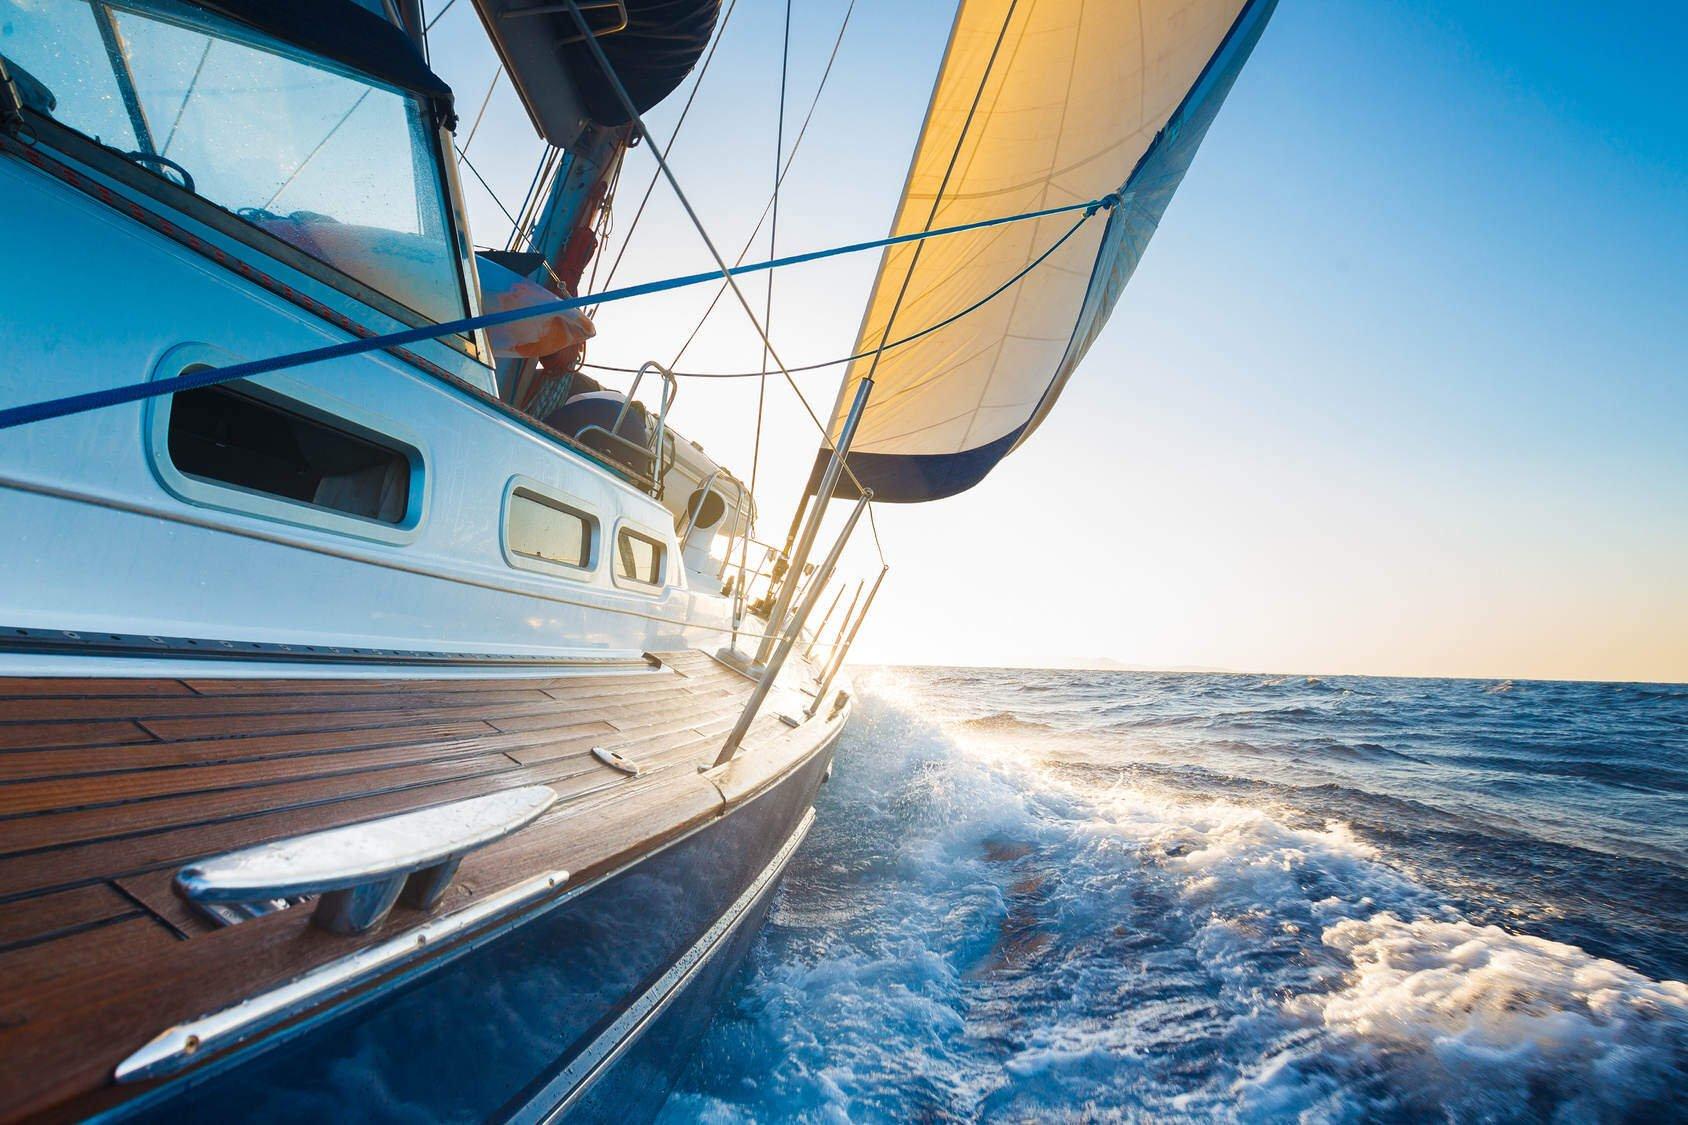 Ein Segelschiff hart am Wind im Meer